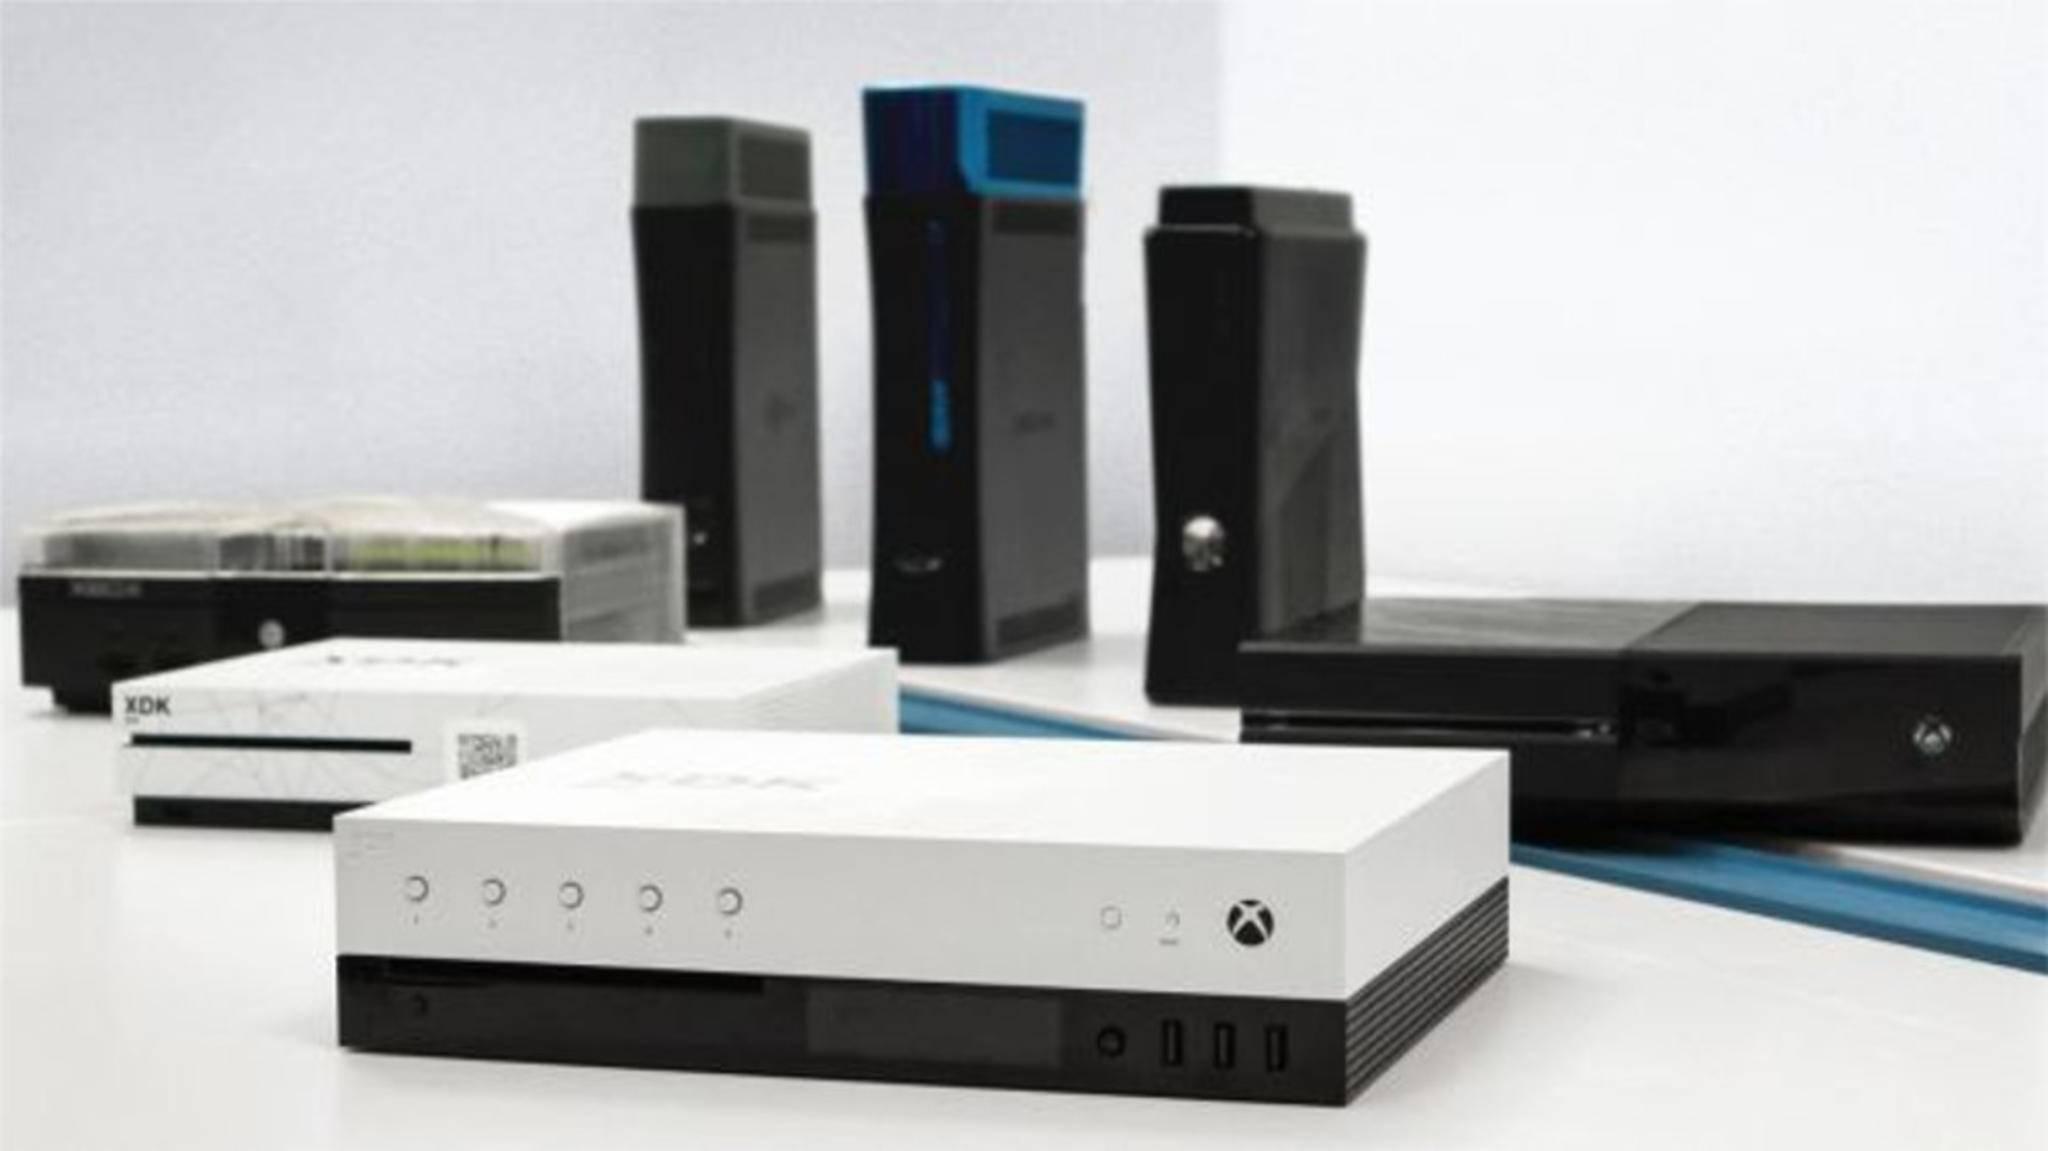 Xbox Scorpio Dev Kit: Setzt die neue Microsoft-Spielekonsole Sony unter Druck?